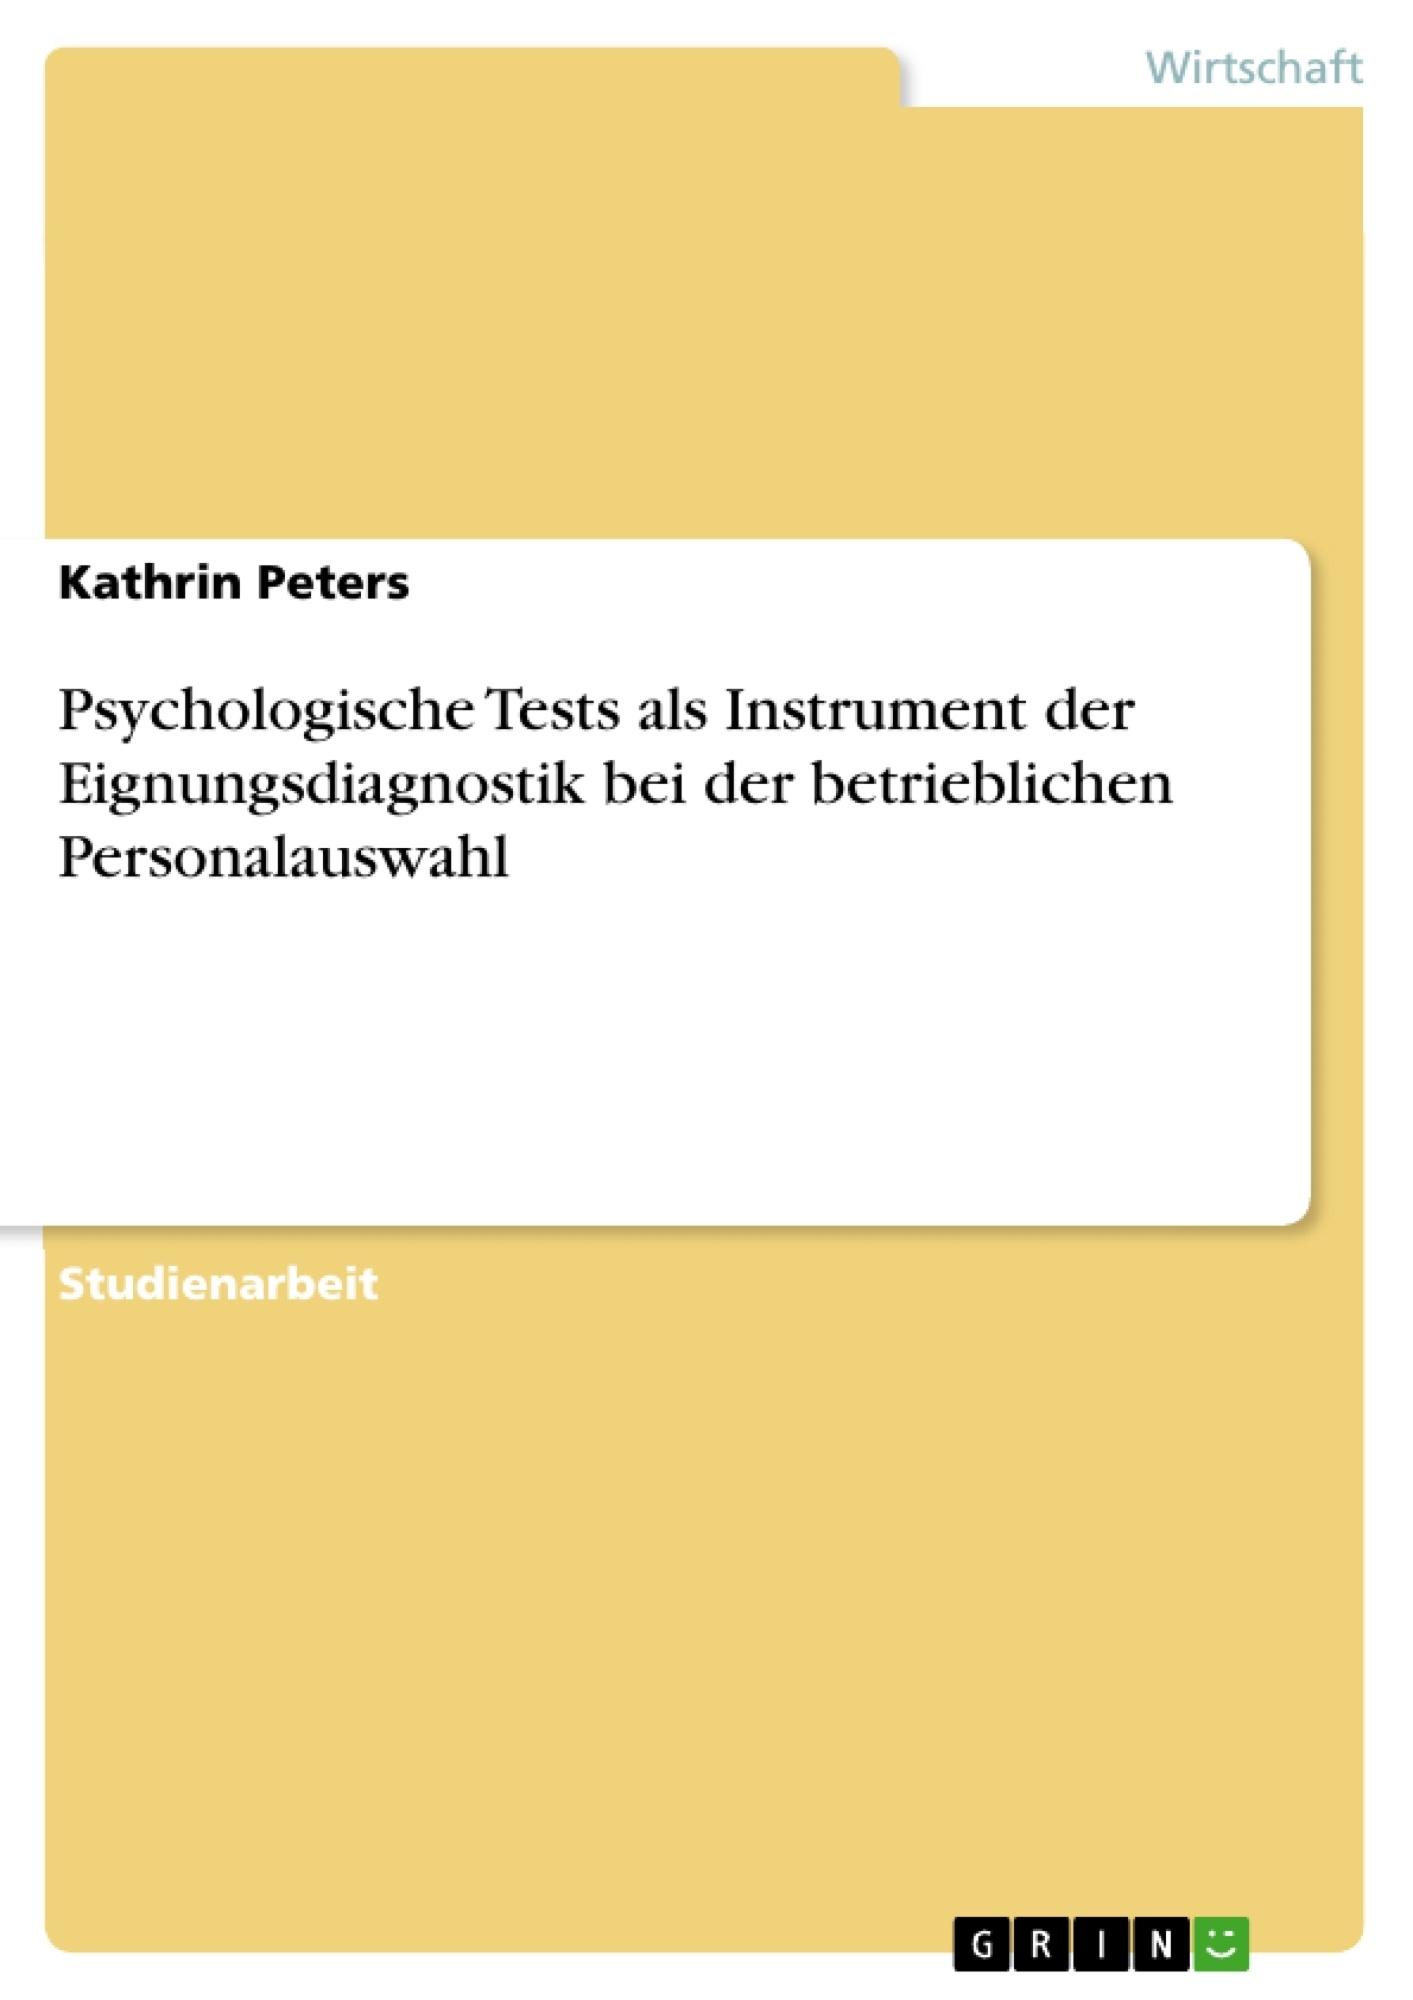 Titel: Psychologische Tests als Instrument der Eignungsdiagnostik bei der betrieblichen Personalauswahl